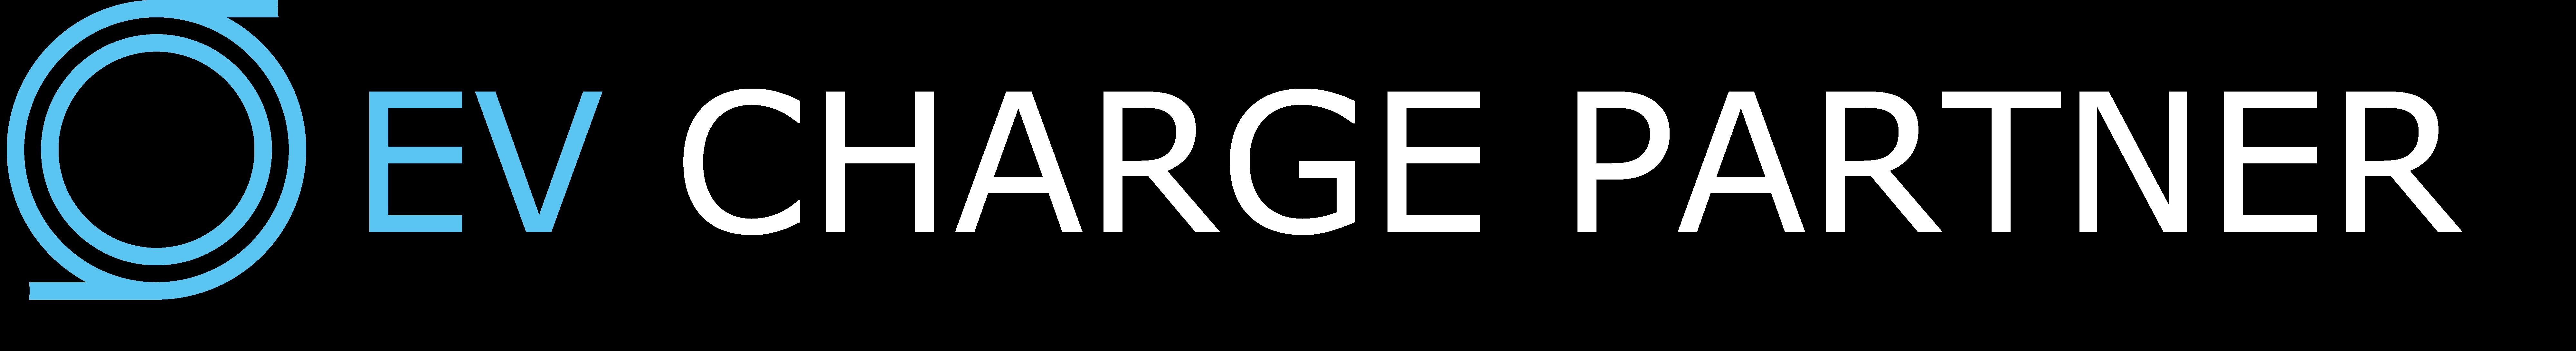 EV Charge Partner